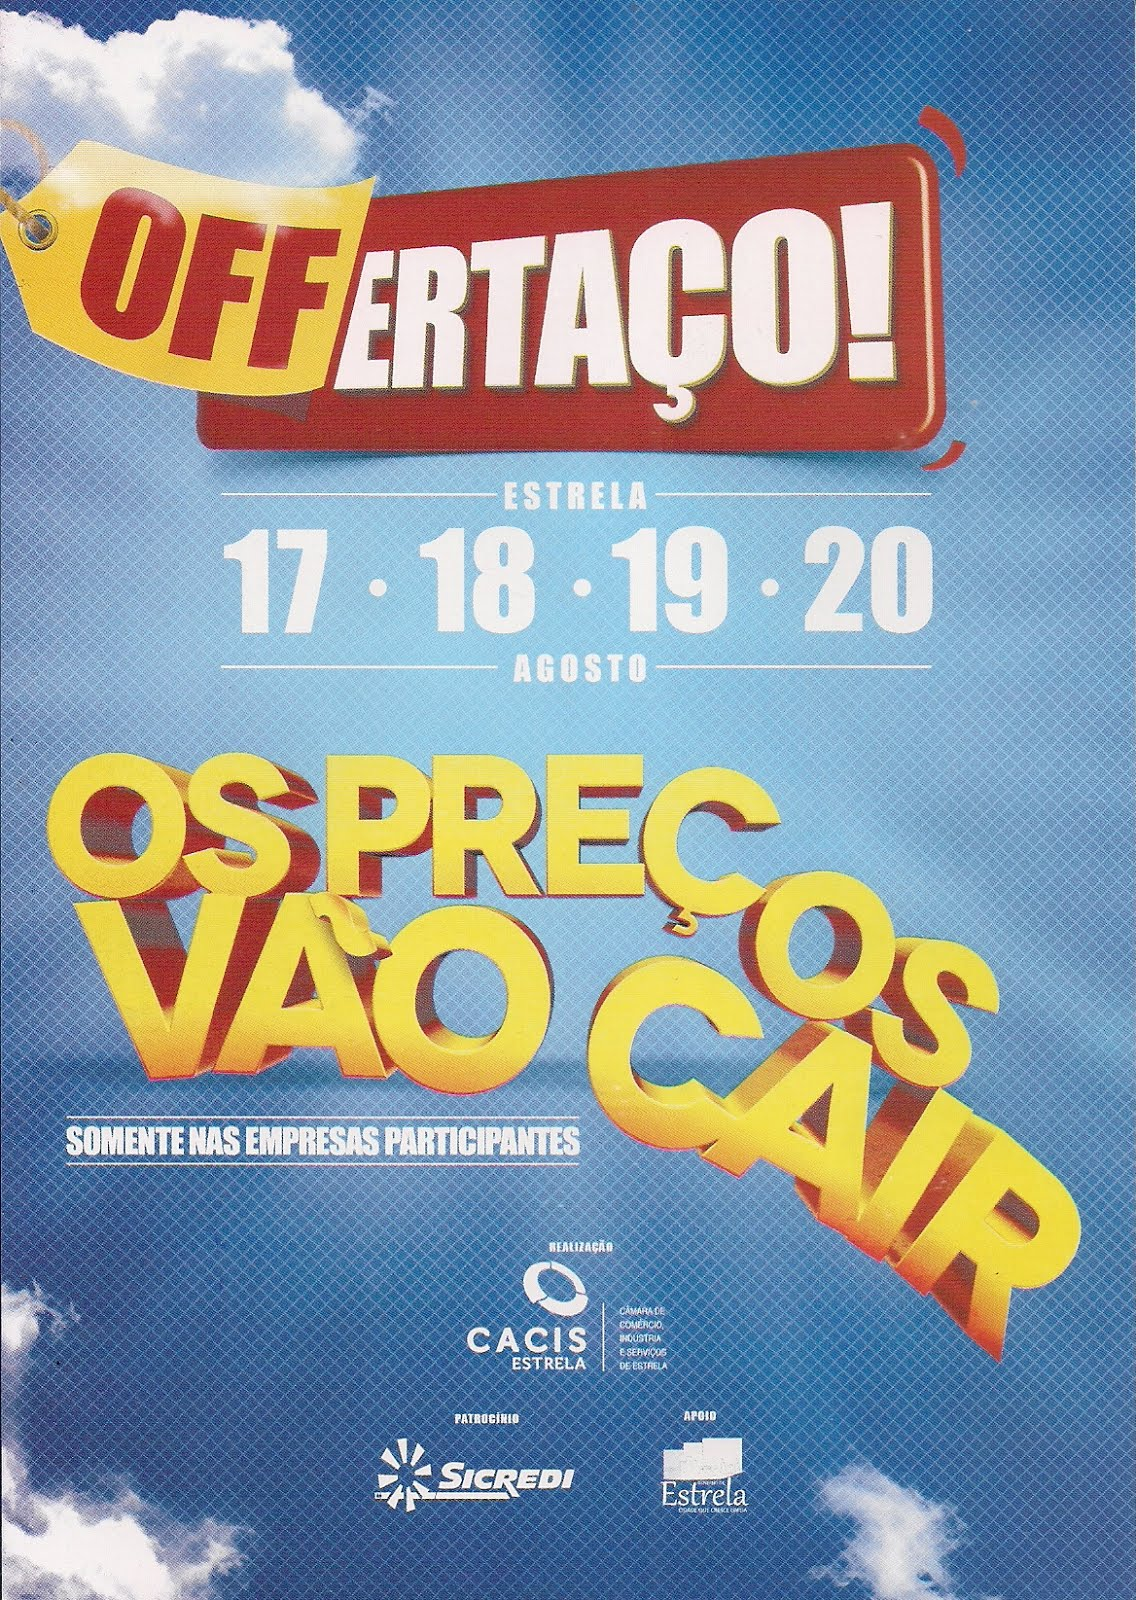 Lançamento da Campanha Offertaço da Cacis de Estrela-RS...